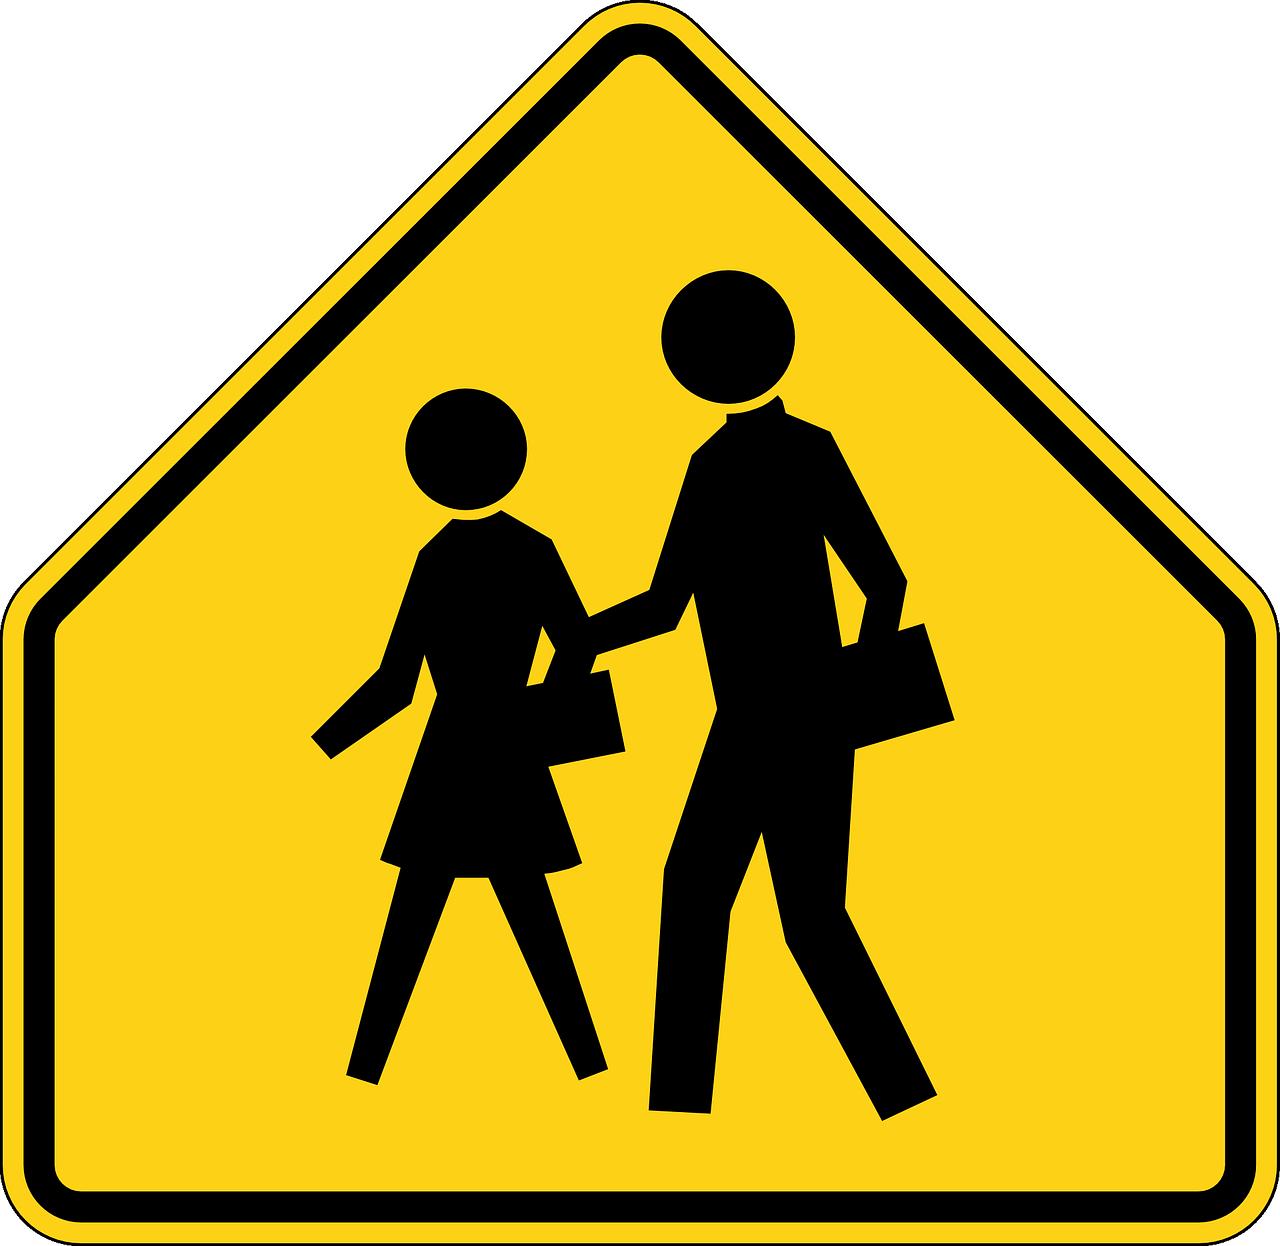 pedestrians-98938_1280